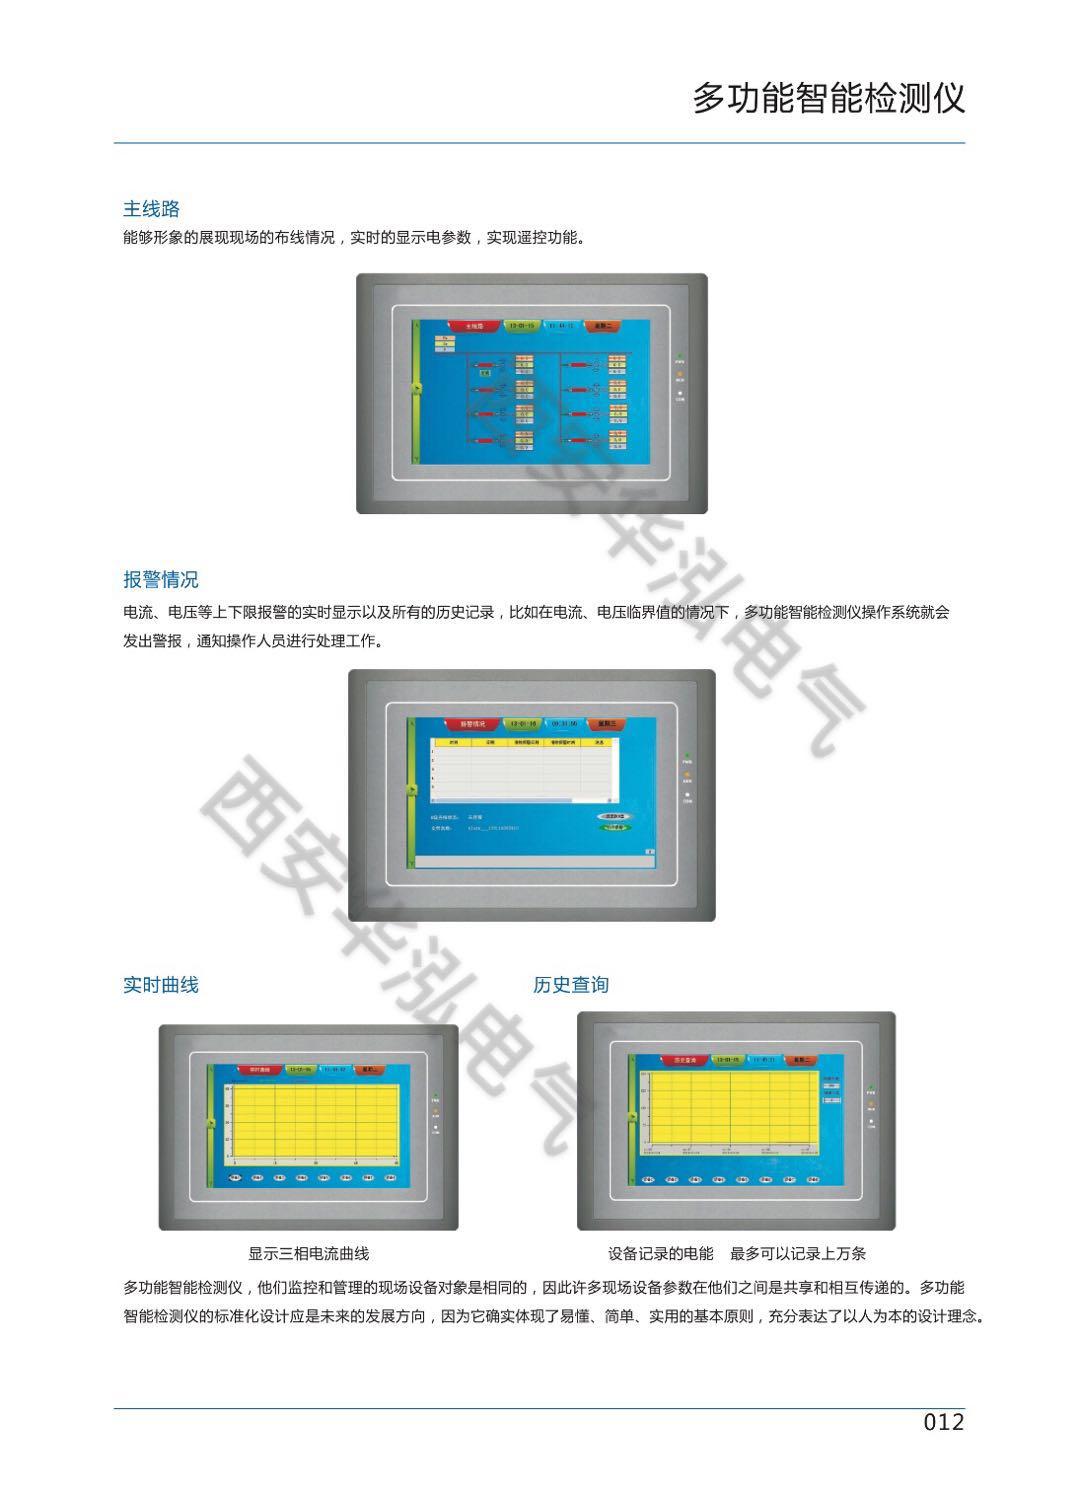 多功能智能检测仪|多功能智能检测仪-西安华泓电气工程有限公司